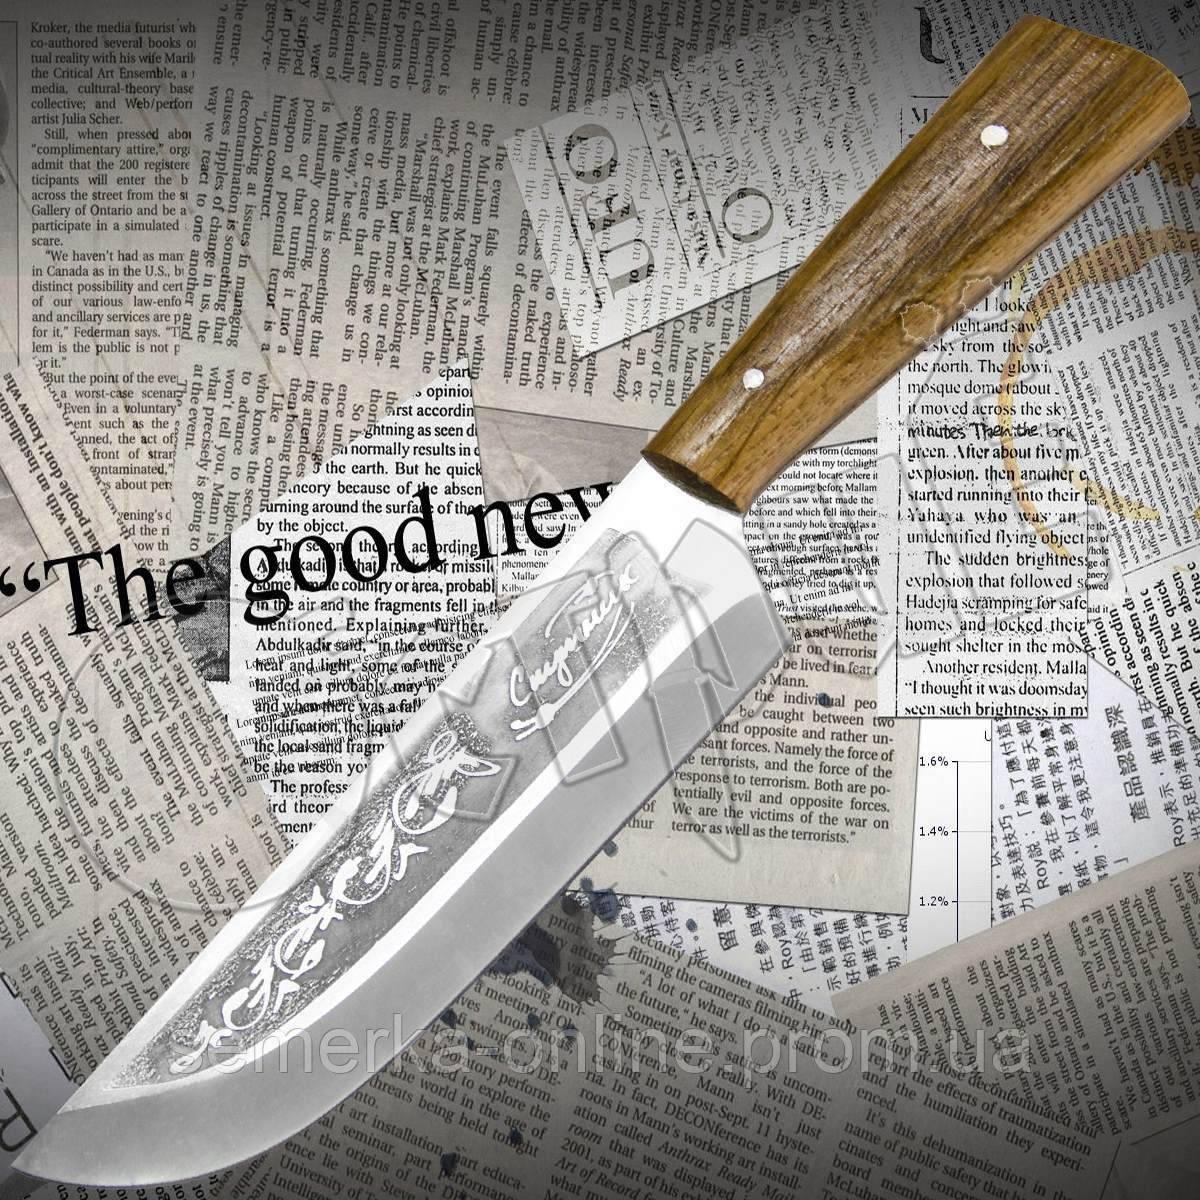 Кухонный долговечный и прочный нож Спутник №16 для обвалки мяса. Лезвие остро заточено